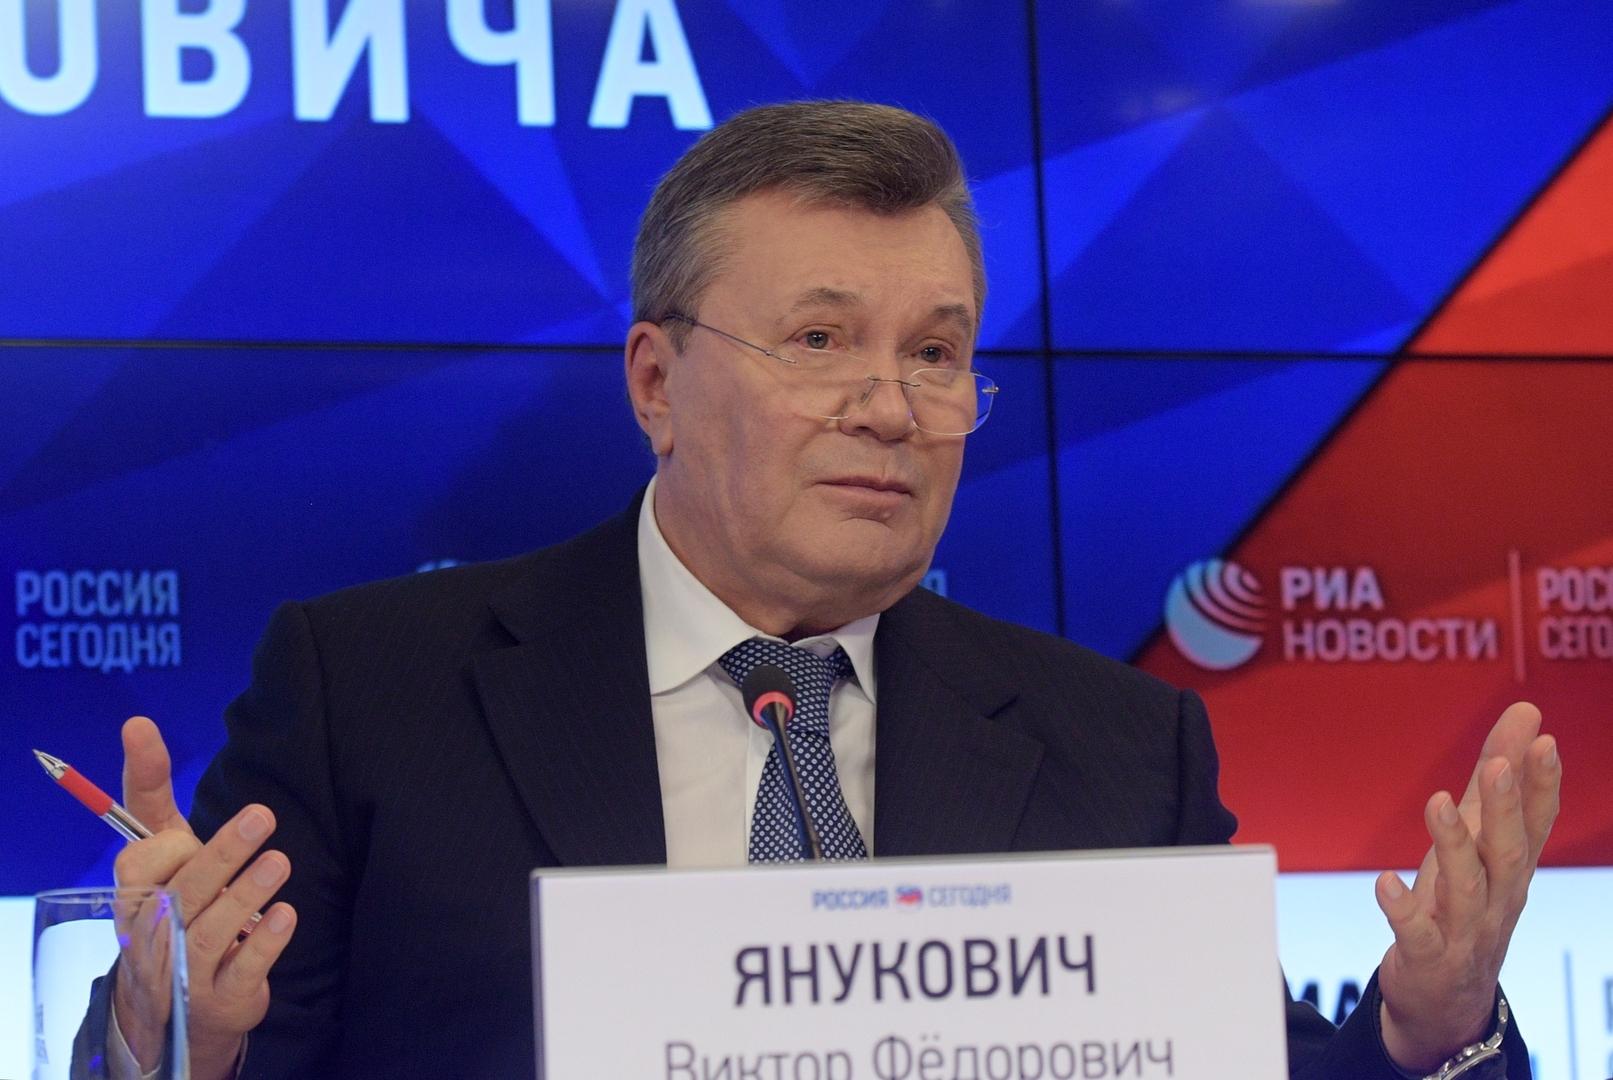 الرئيس الأوكراني الأسبق فيكتور يانوكوفيتش